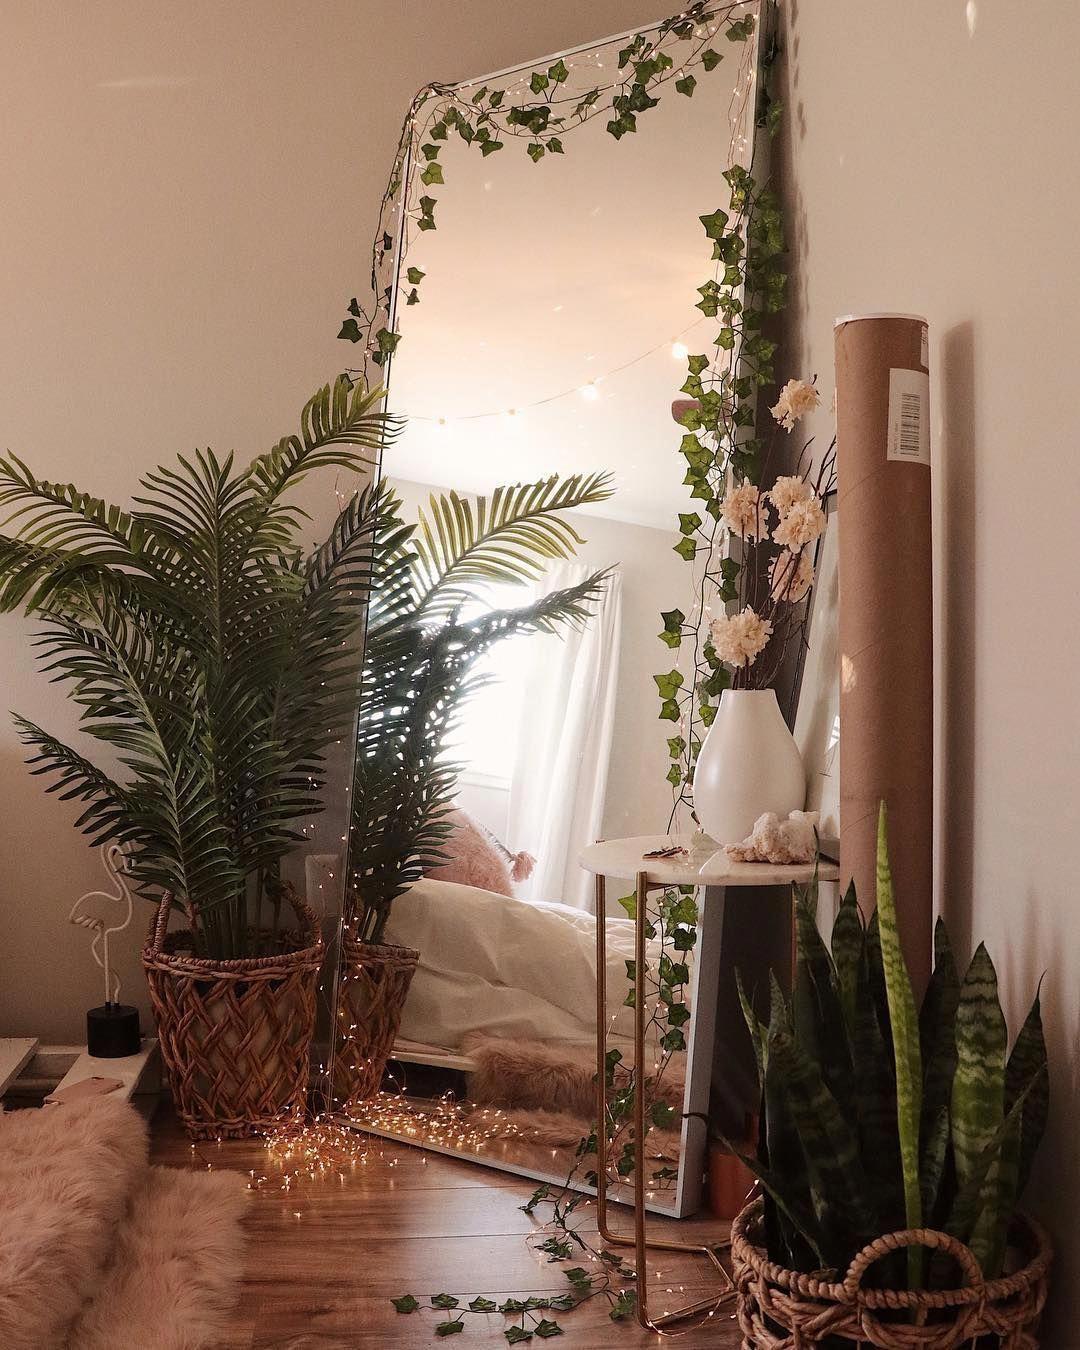 Dekoration auf Celeste dies Escarcega Haus Instagram ist Lieblingsecke Meine wahrscheinlichCeleste Escarcega auf Instagram: Dies ist wahrscheinlich me...#auf #celeste #dekoration #dies #escarcega #haus #instagram #ist #lieblingsecke #meine #wahrscheinlich #wahrscheinlichceleste #bedroominspirations